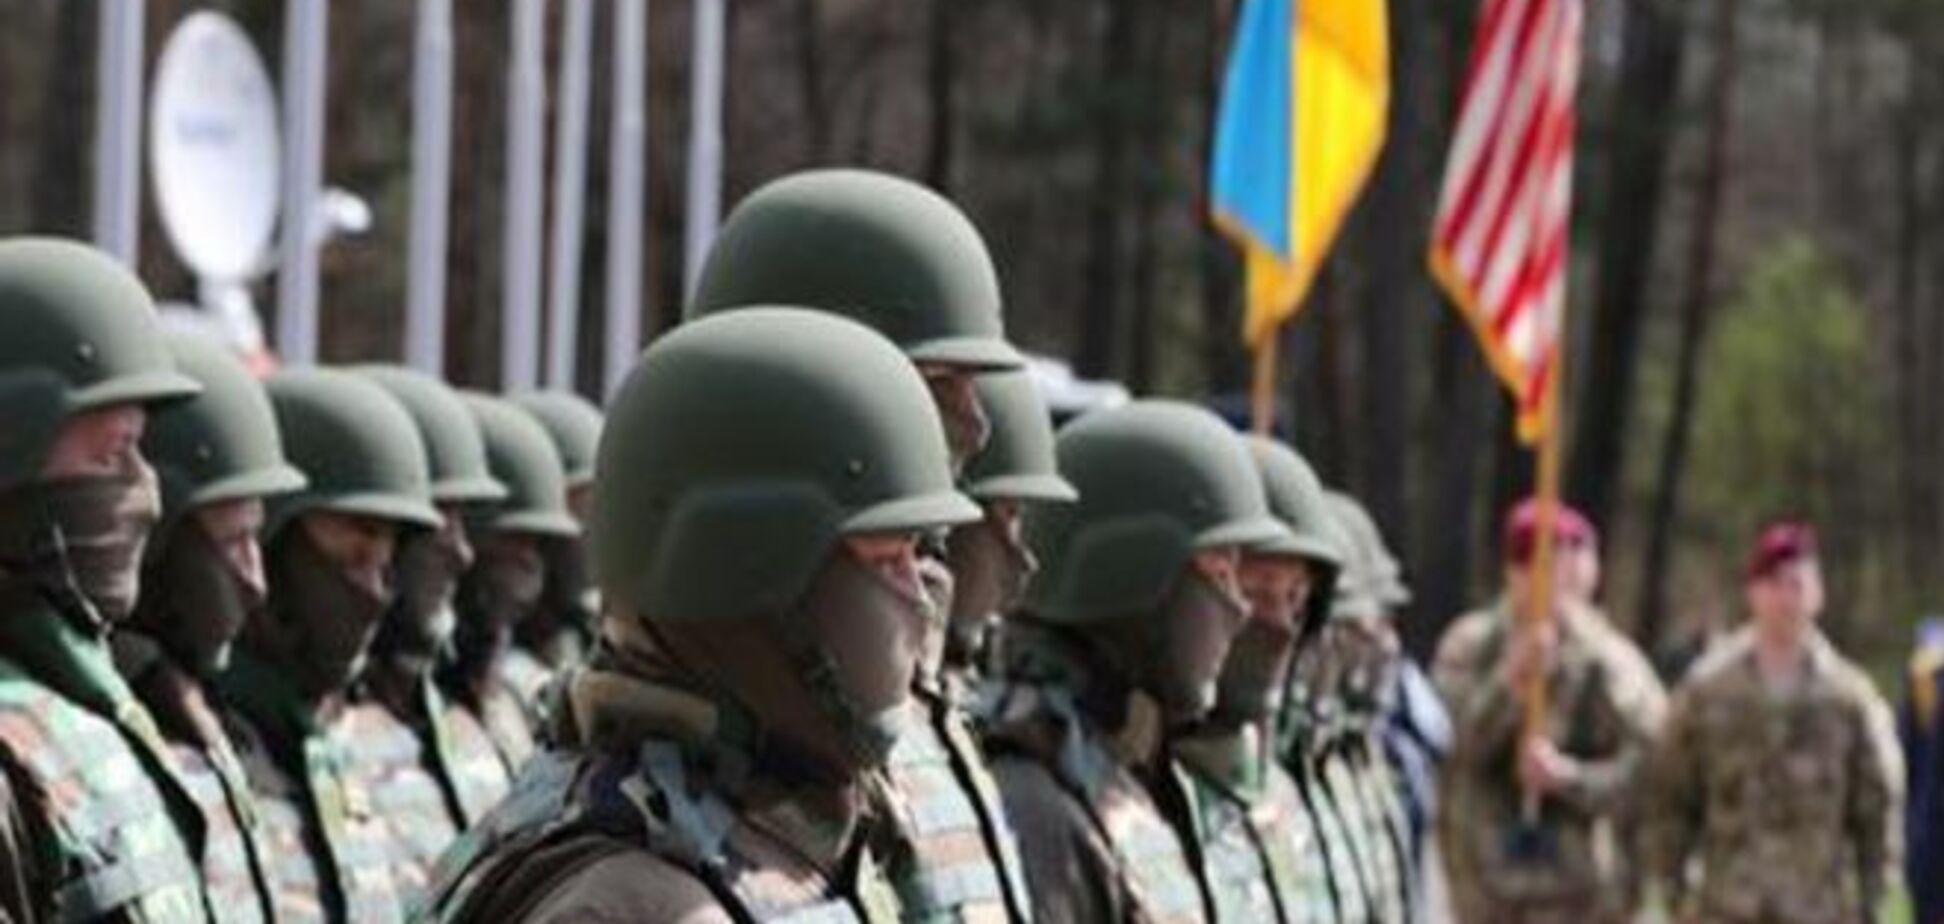 На Львівщині стартують міжнародні військові навчання Saber Guardian